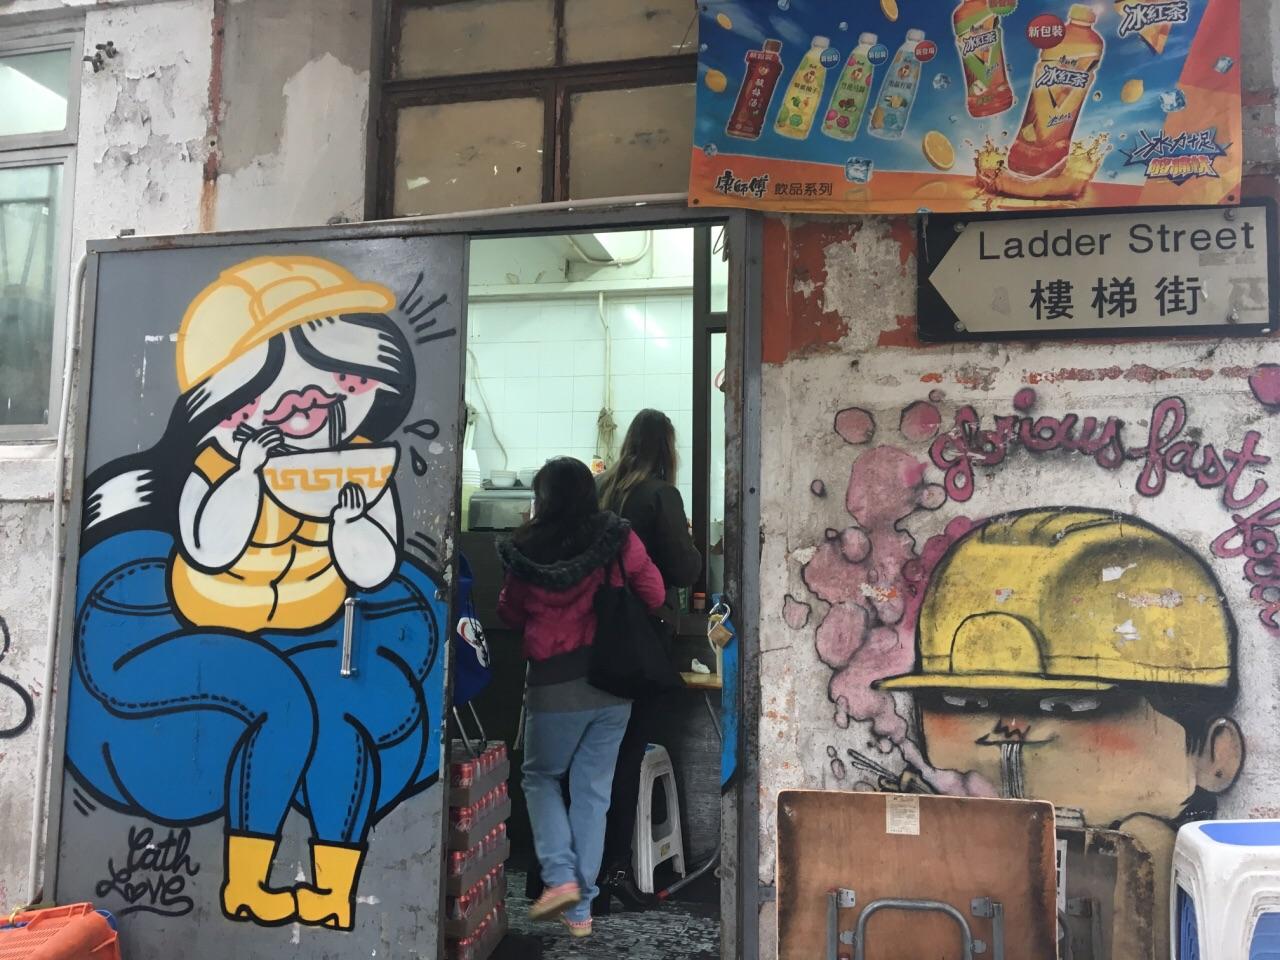 香港的中环上环是个很繁华同时也很小清新的地方,一边靠海,半腰靠山。在中环有世界上最长的半山自动手扶梯,轻轻松松的就可以到达半山上。而在上环就必须要靠自己的体力了,楼梯街就是这样一条长长的台阶,一共350米。沿山势而上,经过摩罗上街、弓弦巷、荷里活道、四方街、必列者士街以及裕林台,一直到坚道为止,真的需要一些体力才能爬上去。但其实整个中环上环西营盘有很多地方都有这样的长长台阶,不仅仅只有一条楼梯街